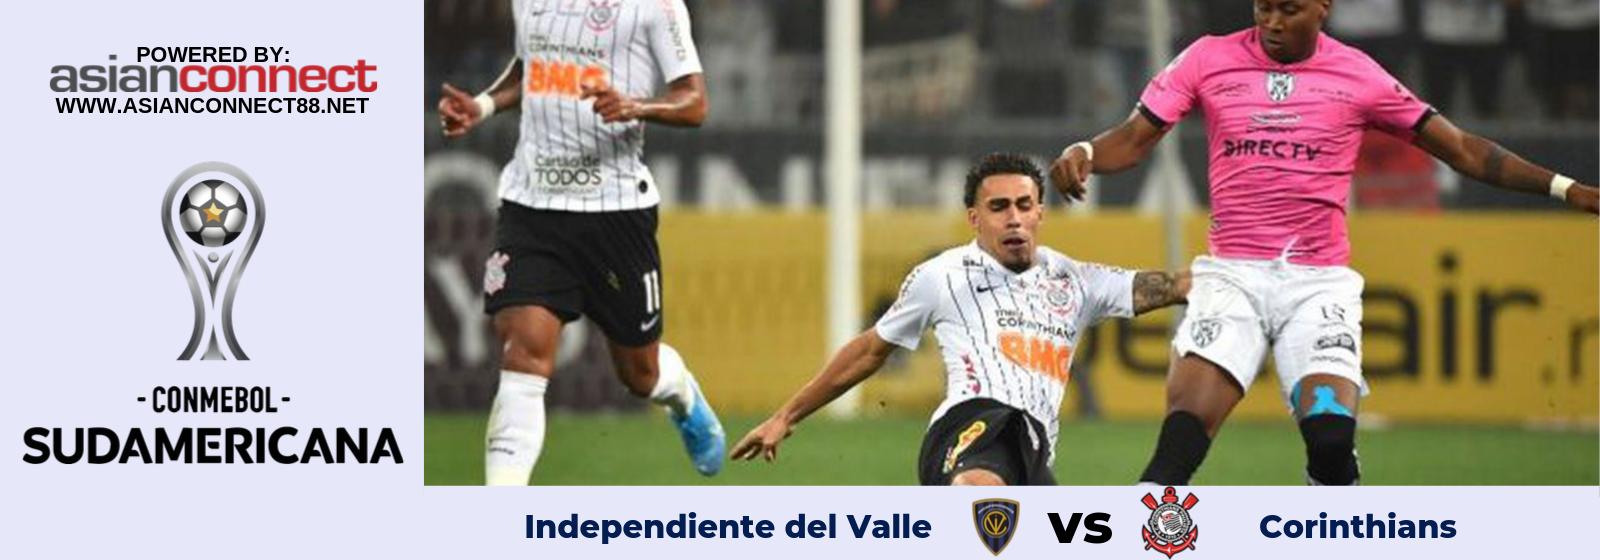 Copa Sudamericana Independiente del Valle Vs. Corinthians Asian Connect